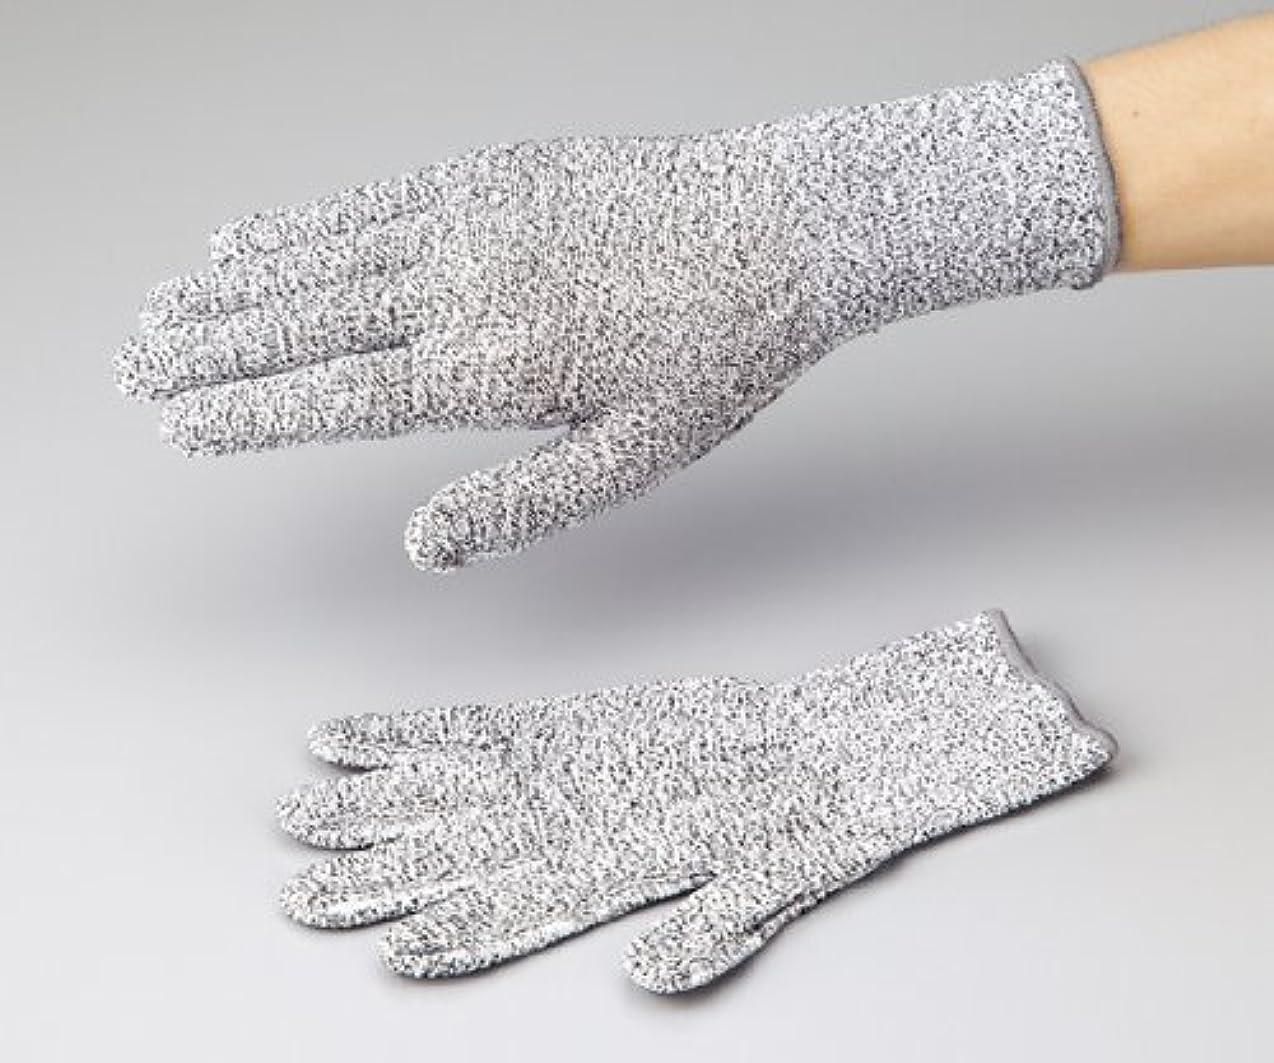 現実終わったインペリアルアズワン1-272-01アズセーフ耐切創手袋コーティング無しLカットレベル3